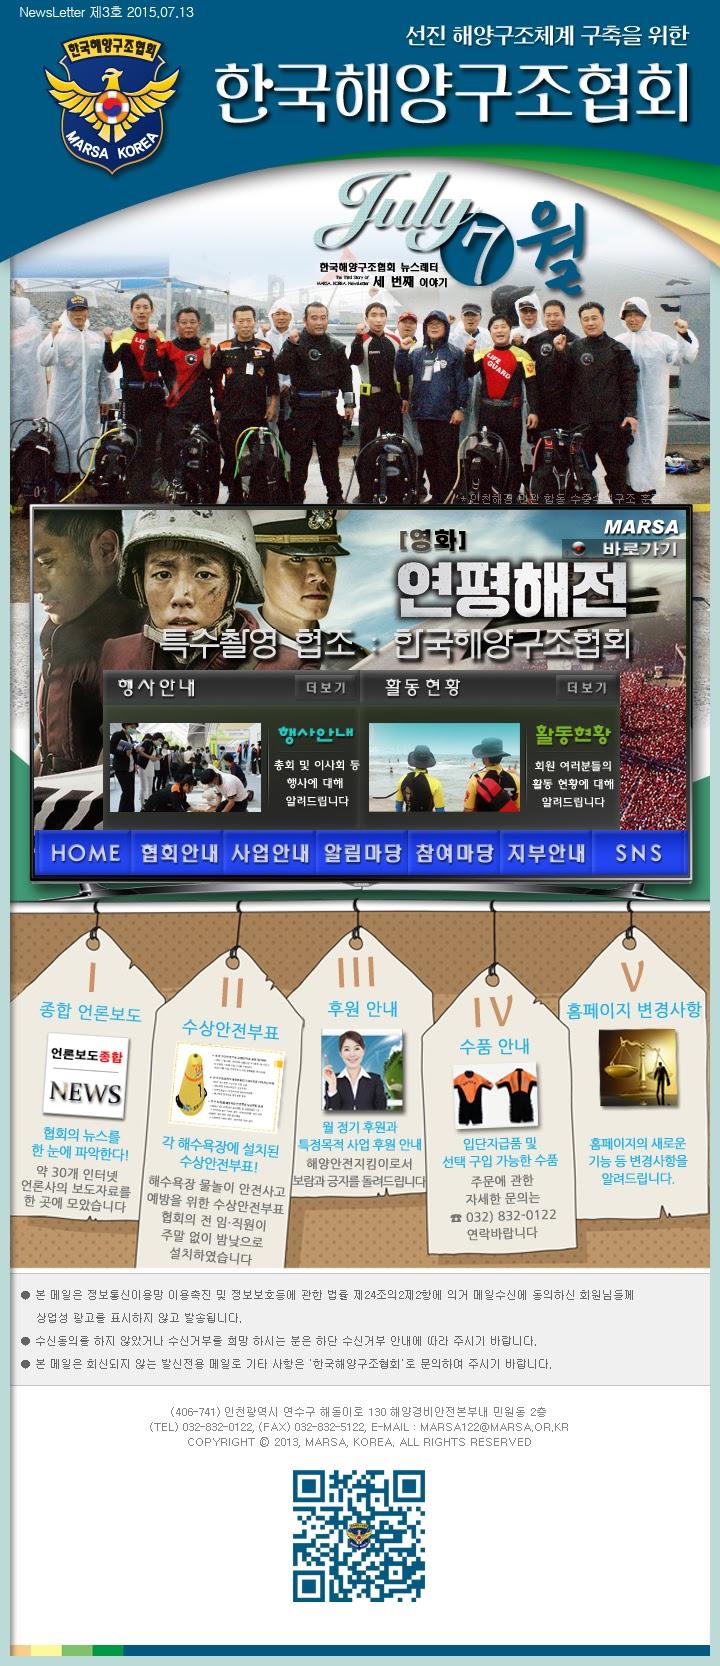 한국해양구조협회 뉴스레터 제3호